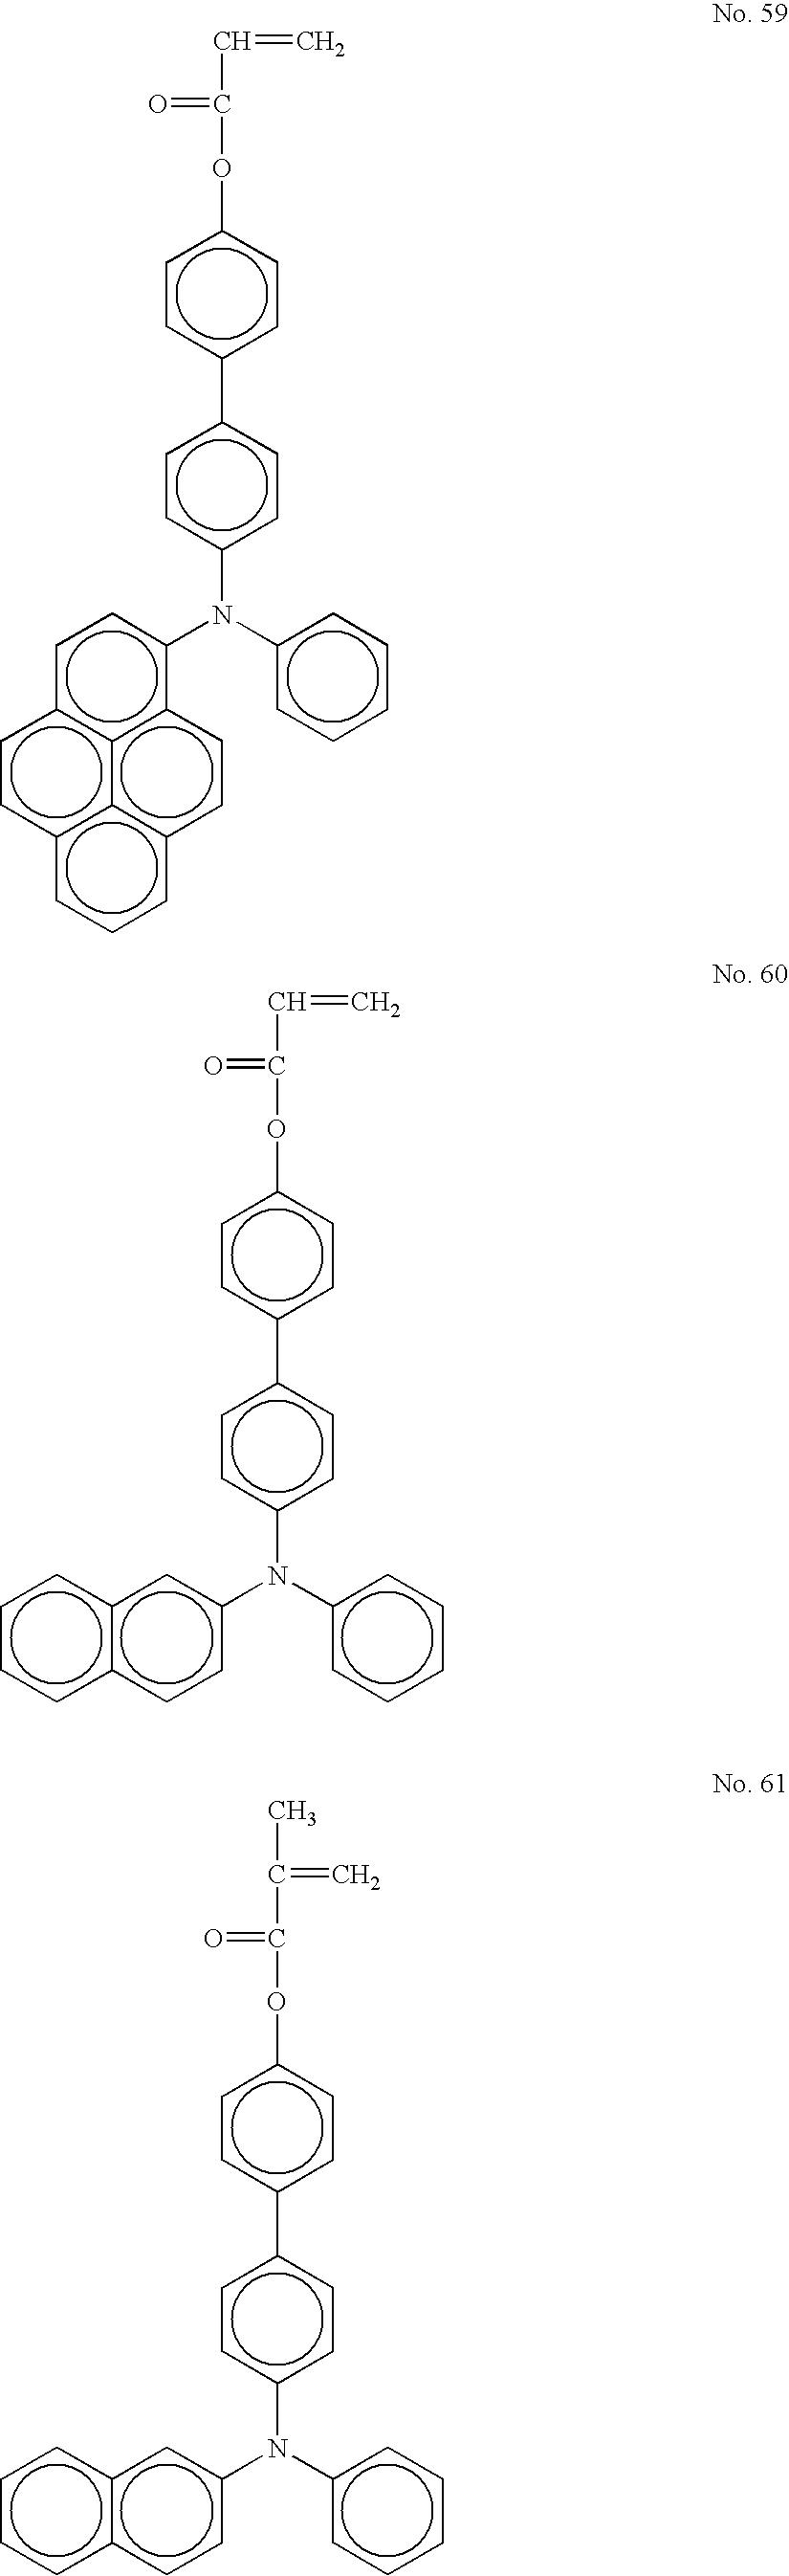 Figure US20100209842A1-20100819-C00022